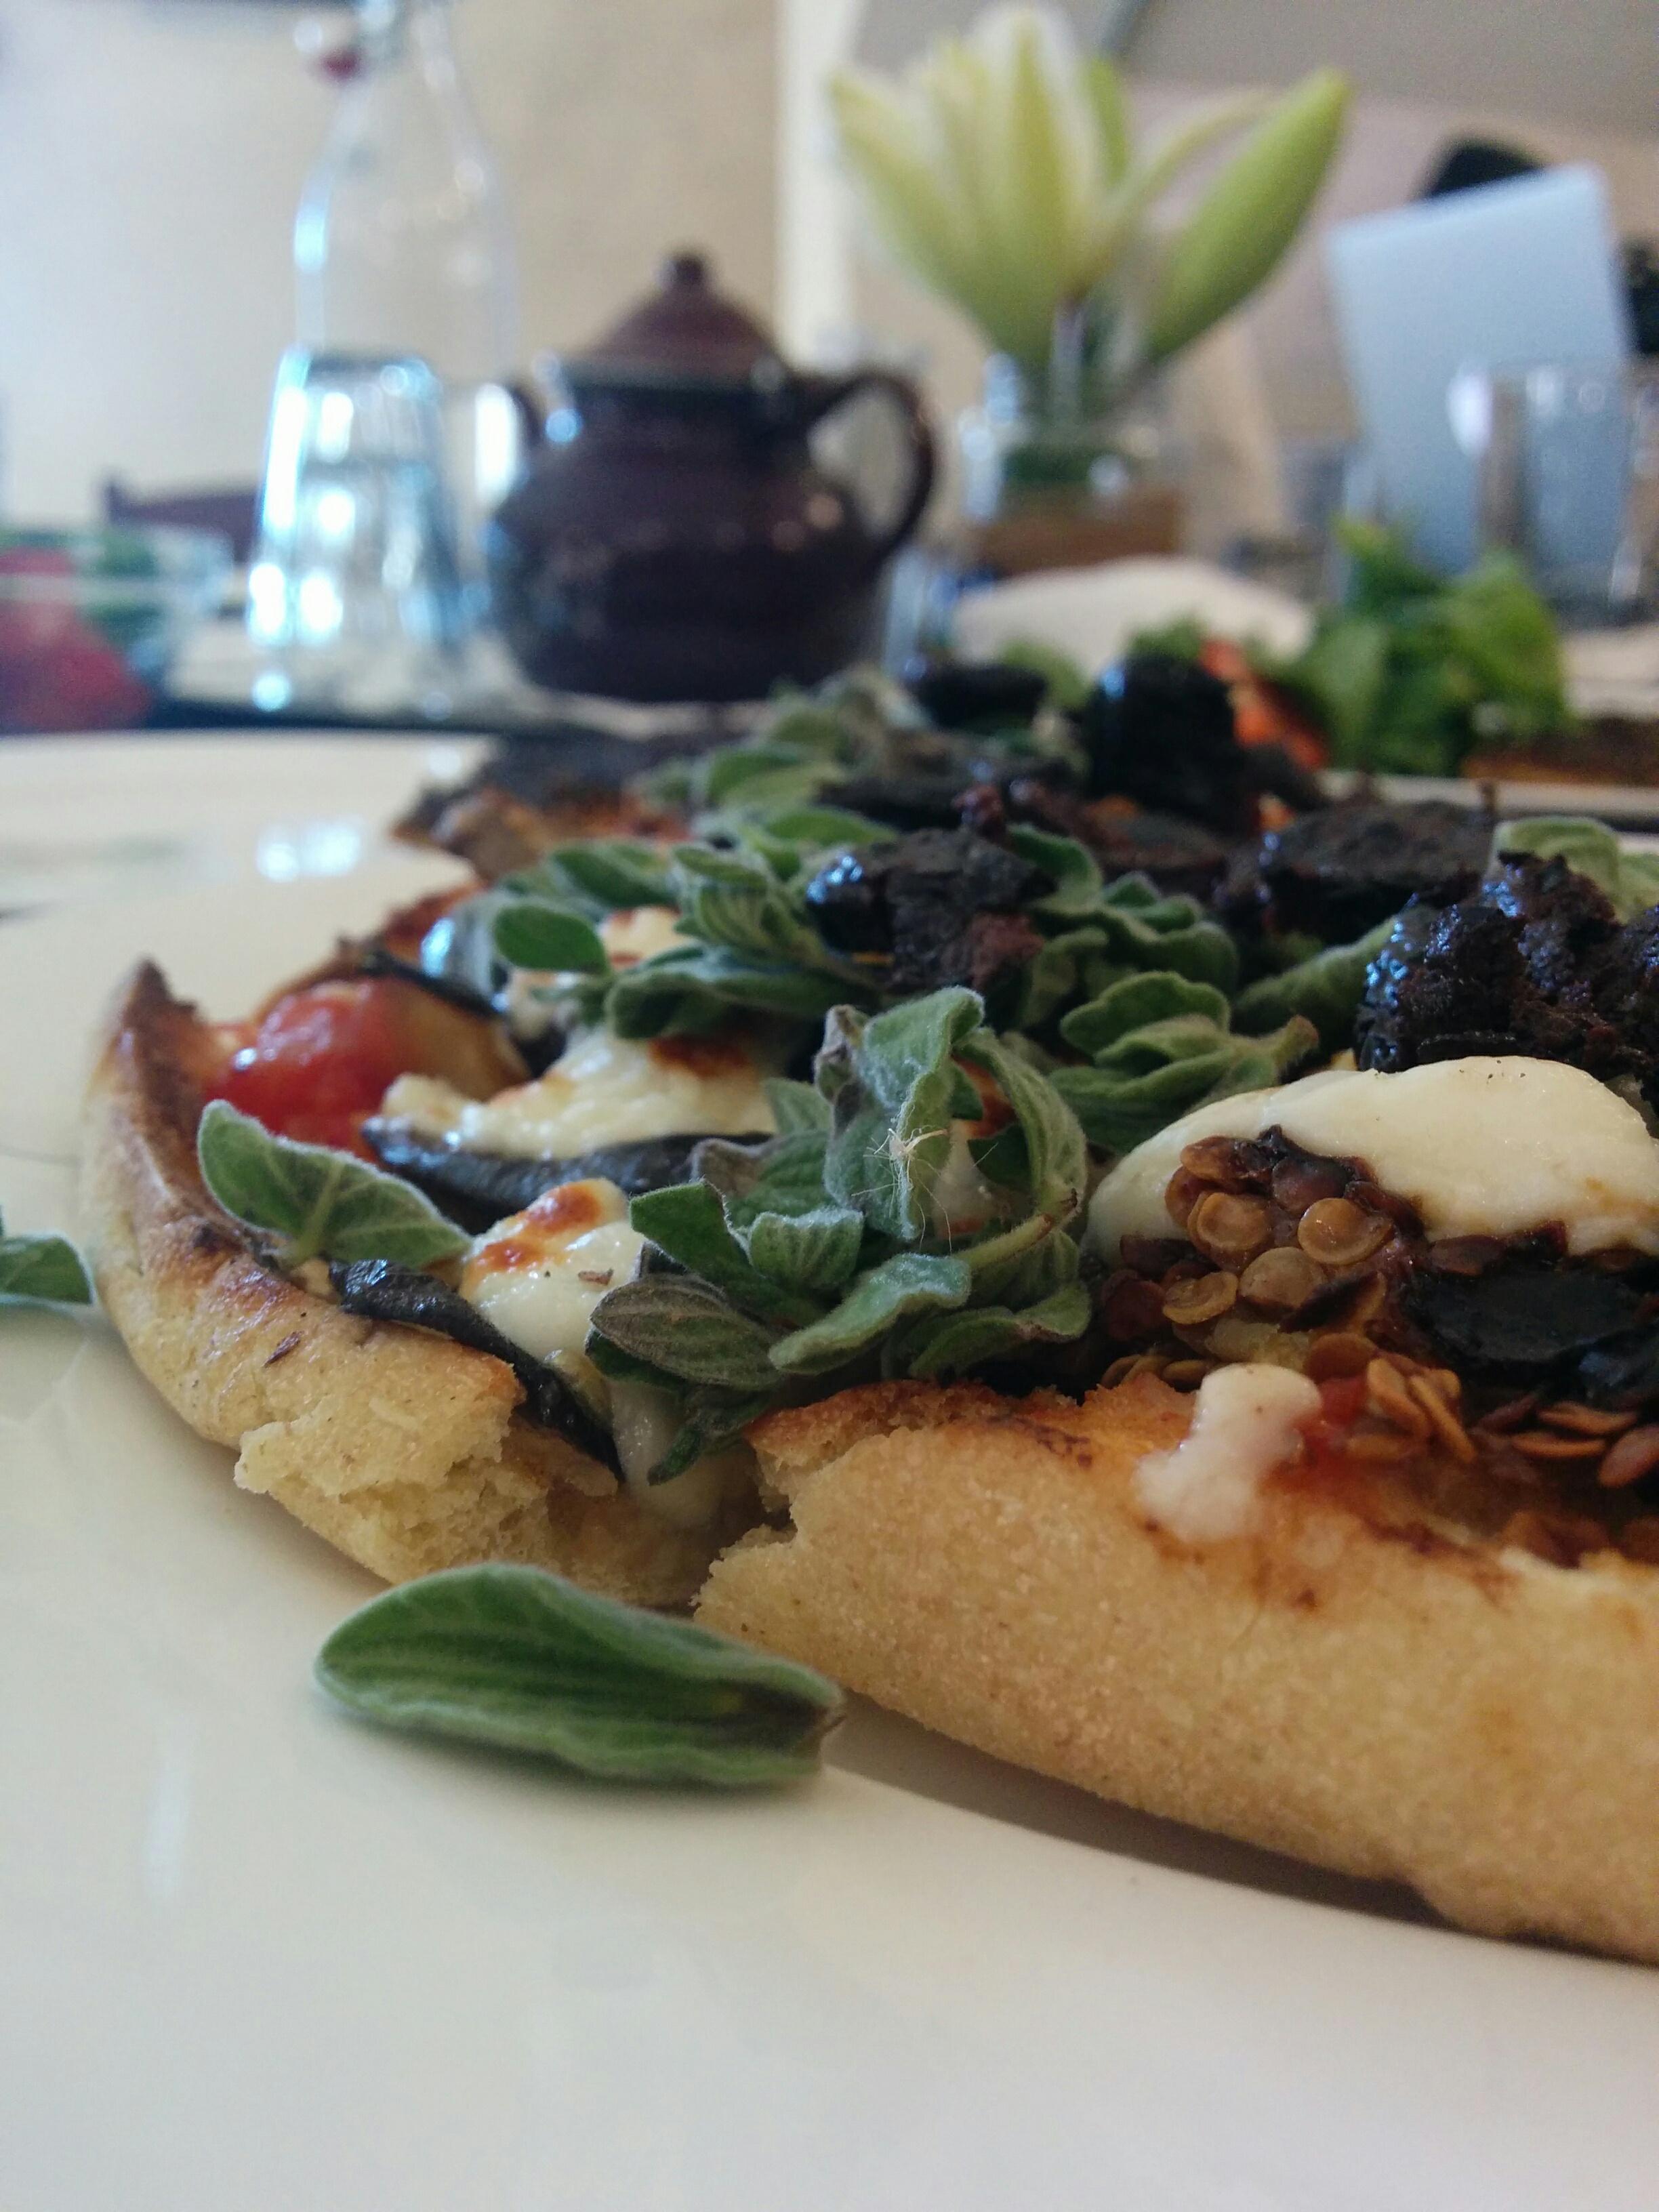 The aubergine flatbread at Shams al Balad